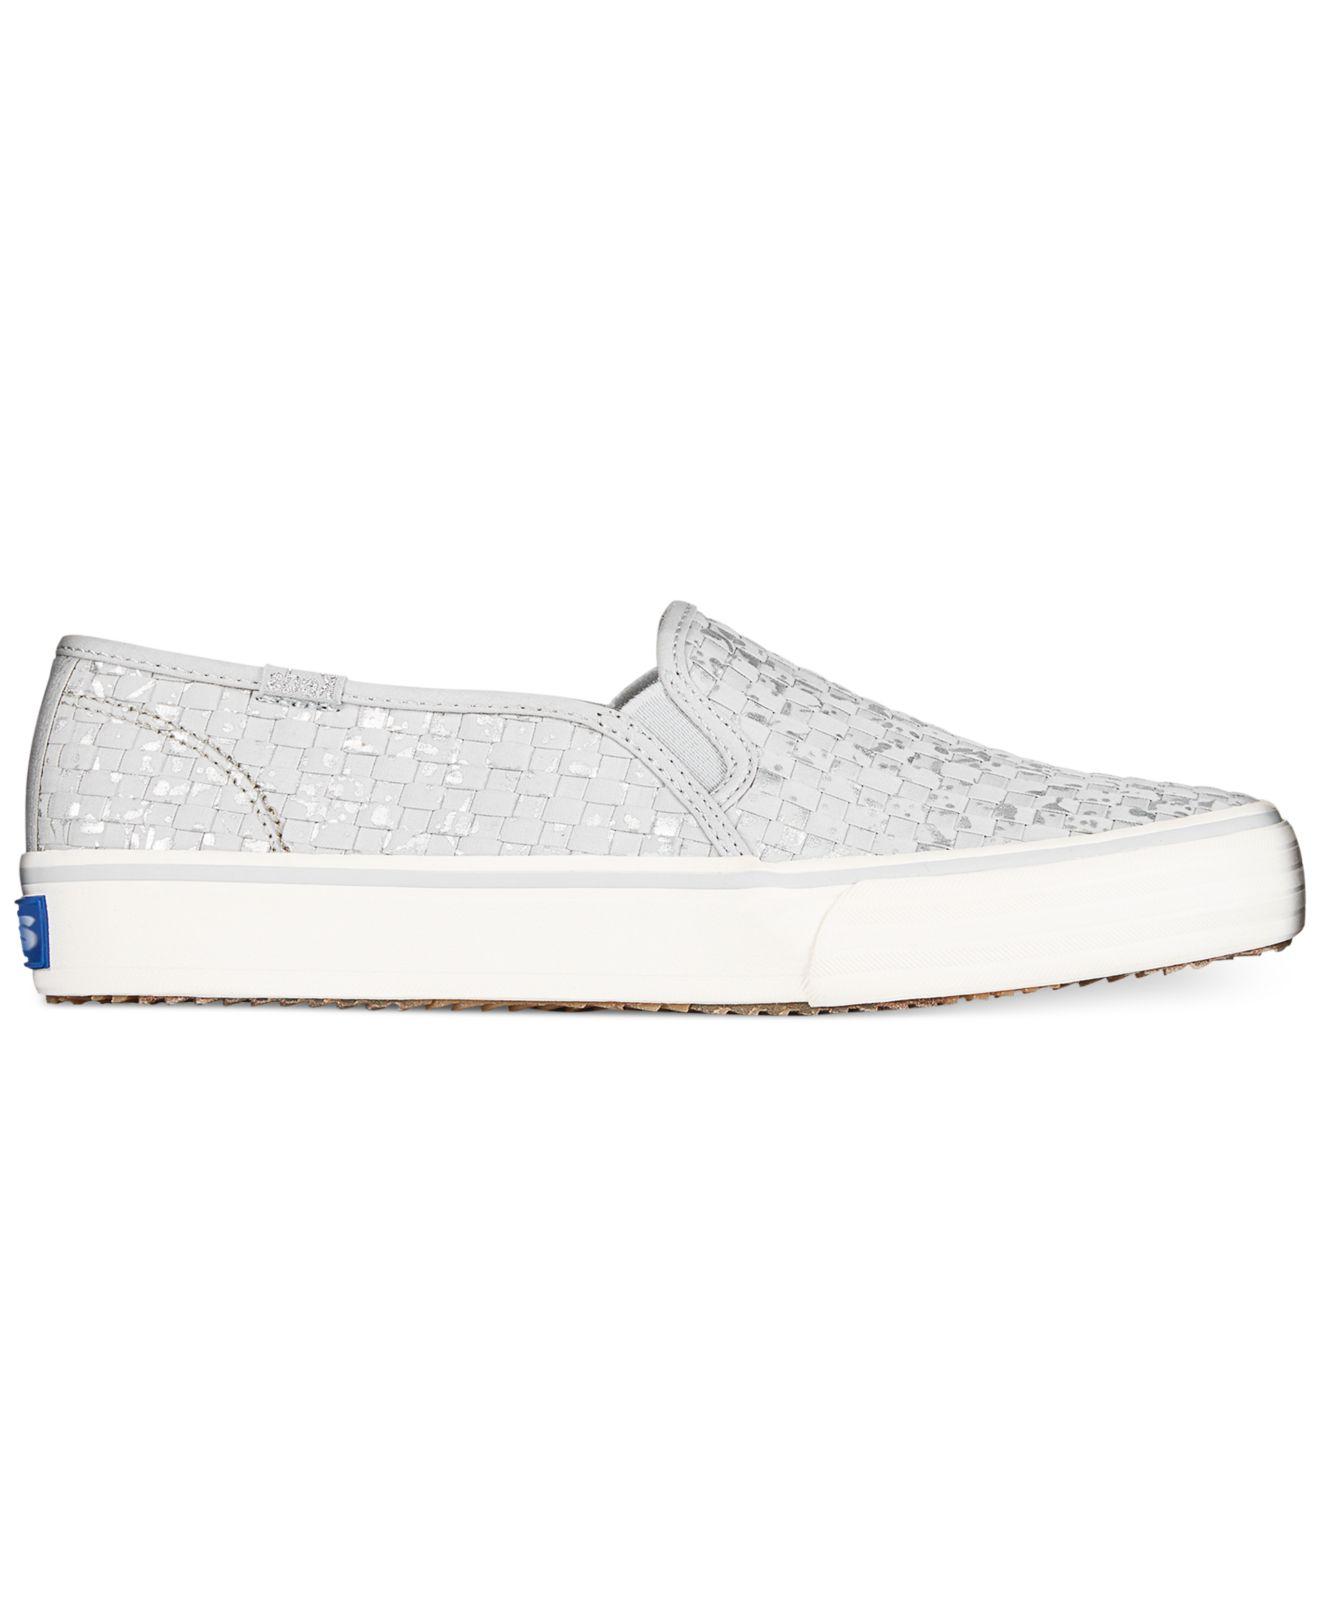 aa2ec4fd73 Keds Gray Women's Double Decker Basketweave Slip-on Sneakers